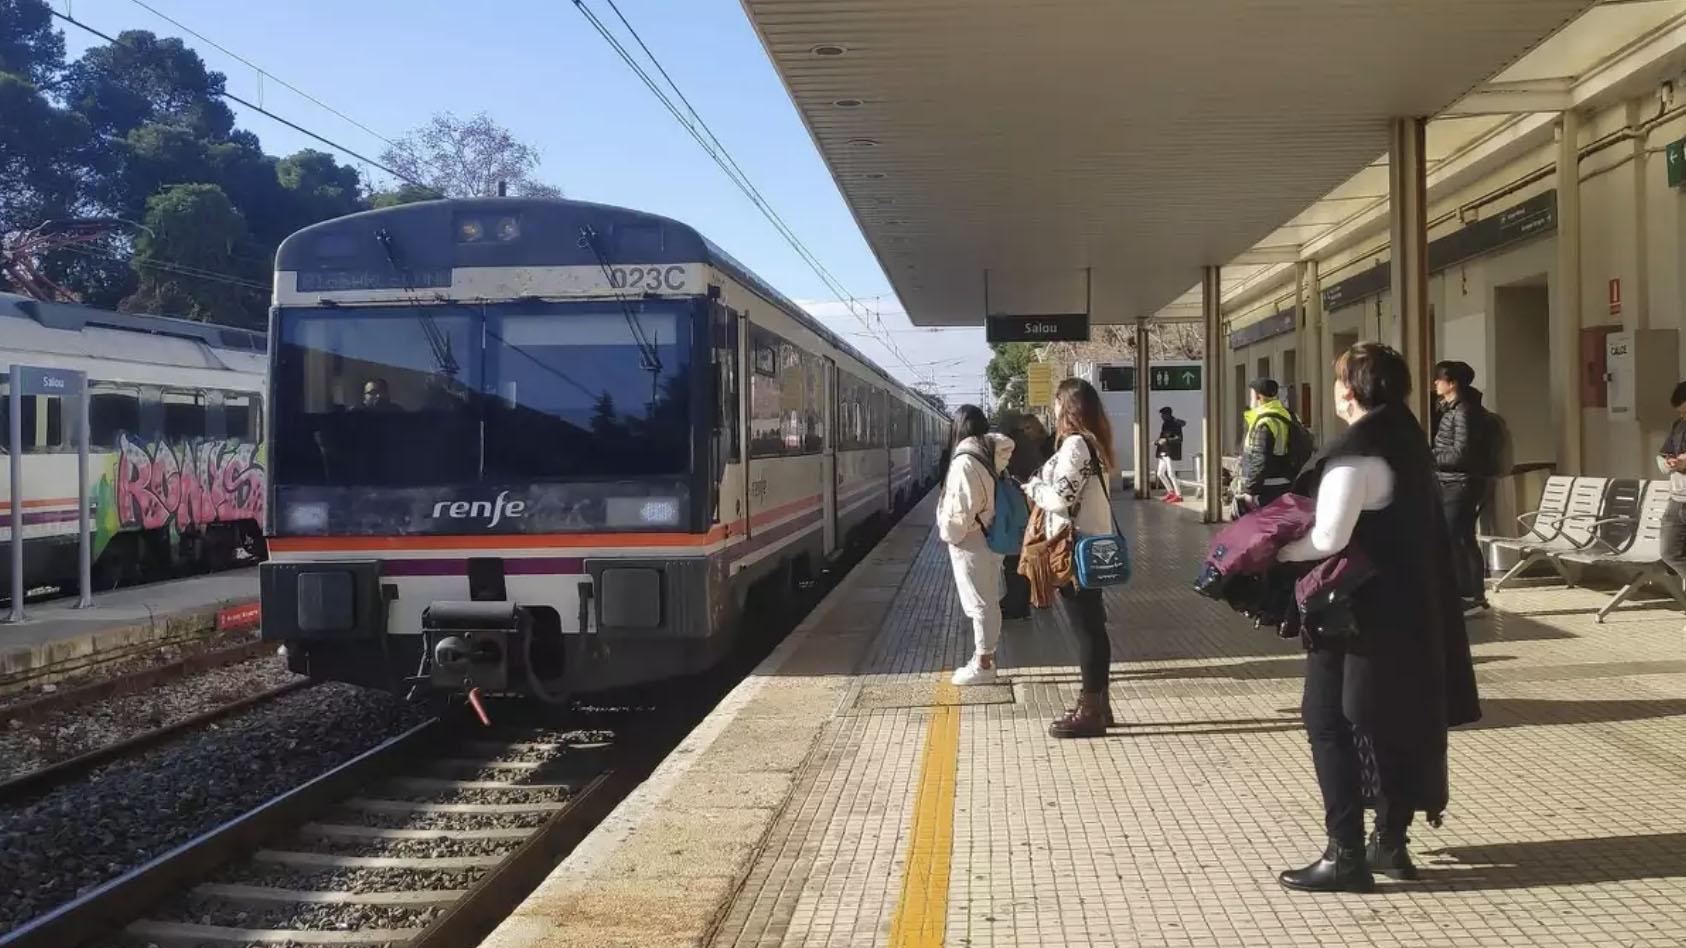 ENQUESTA: Quina solució podria millorar la mobilitat a Tarragona?